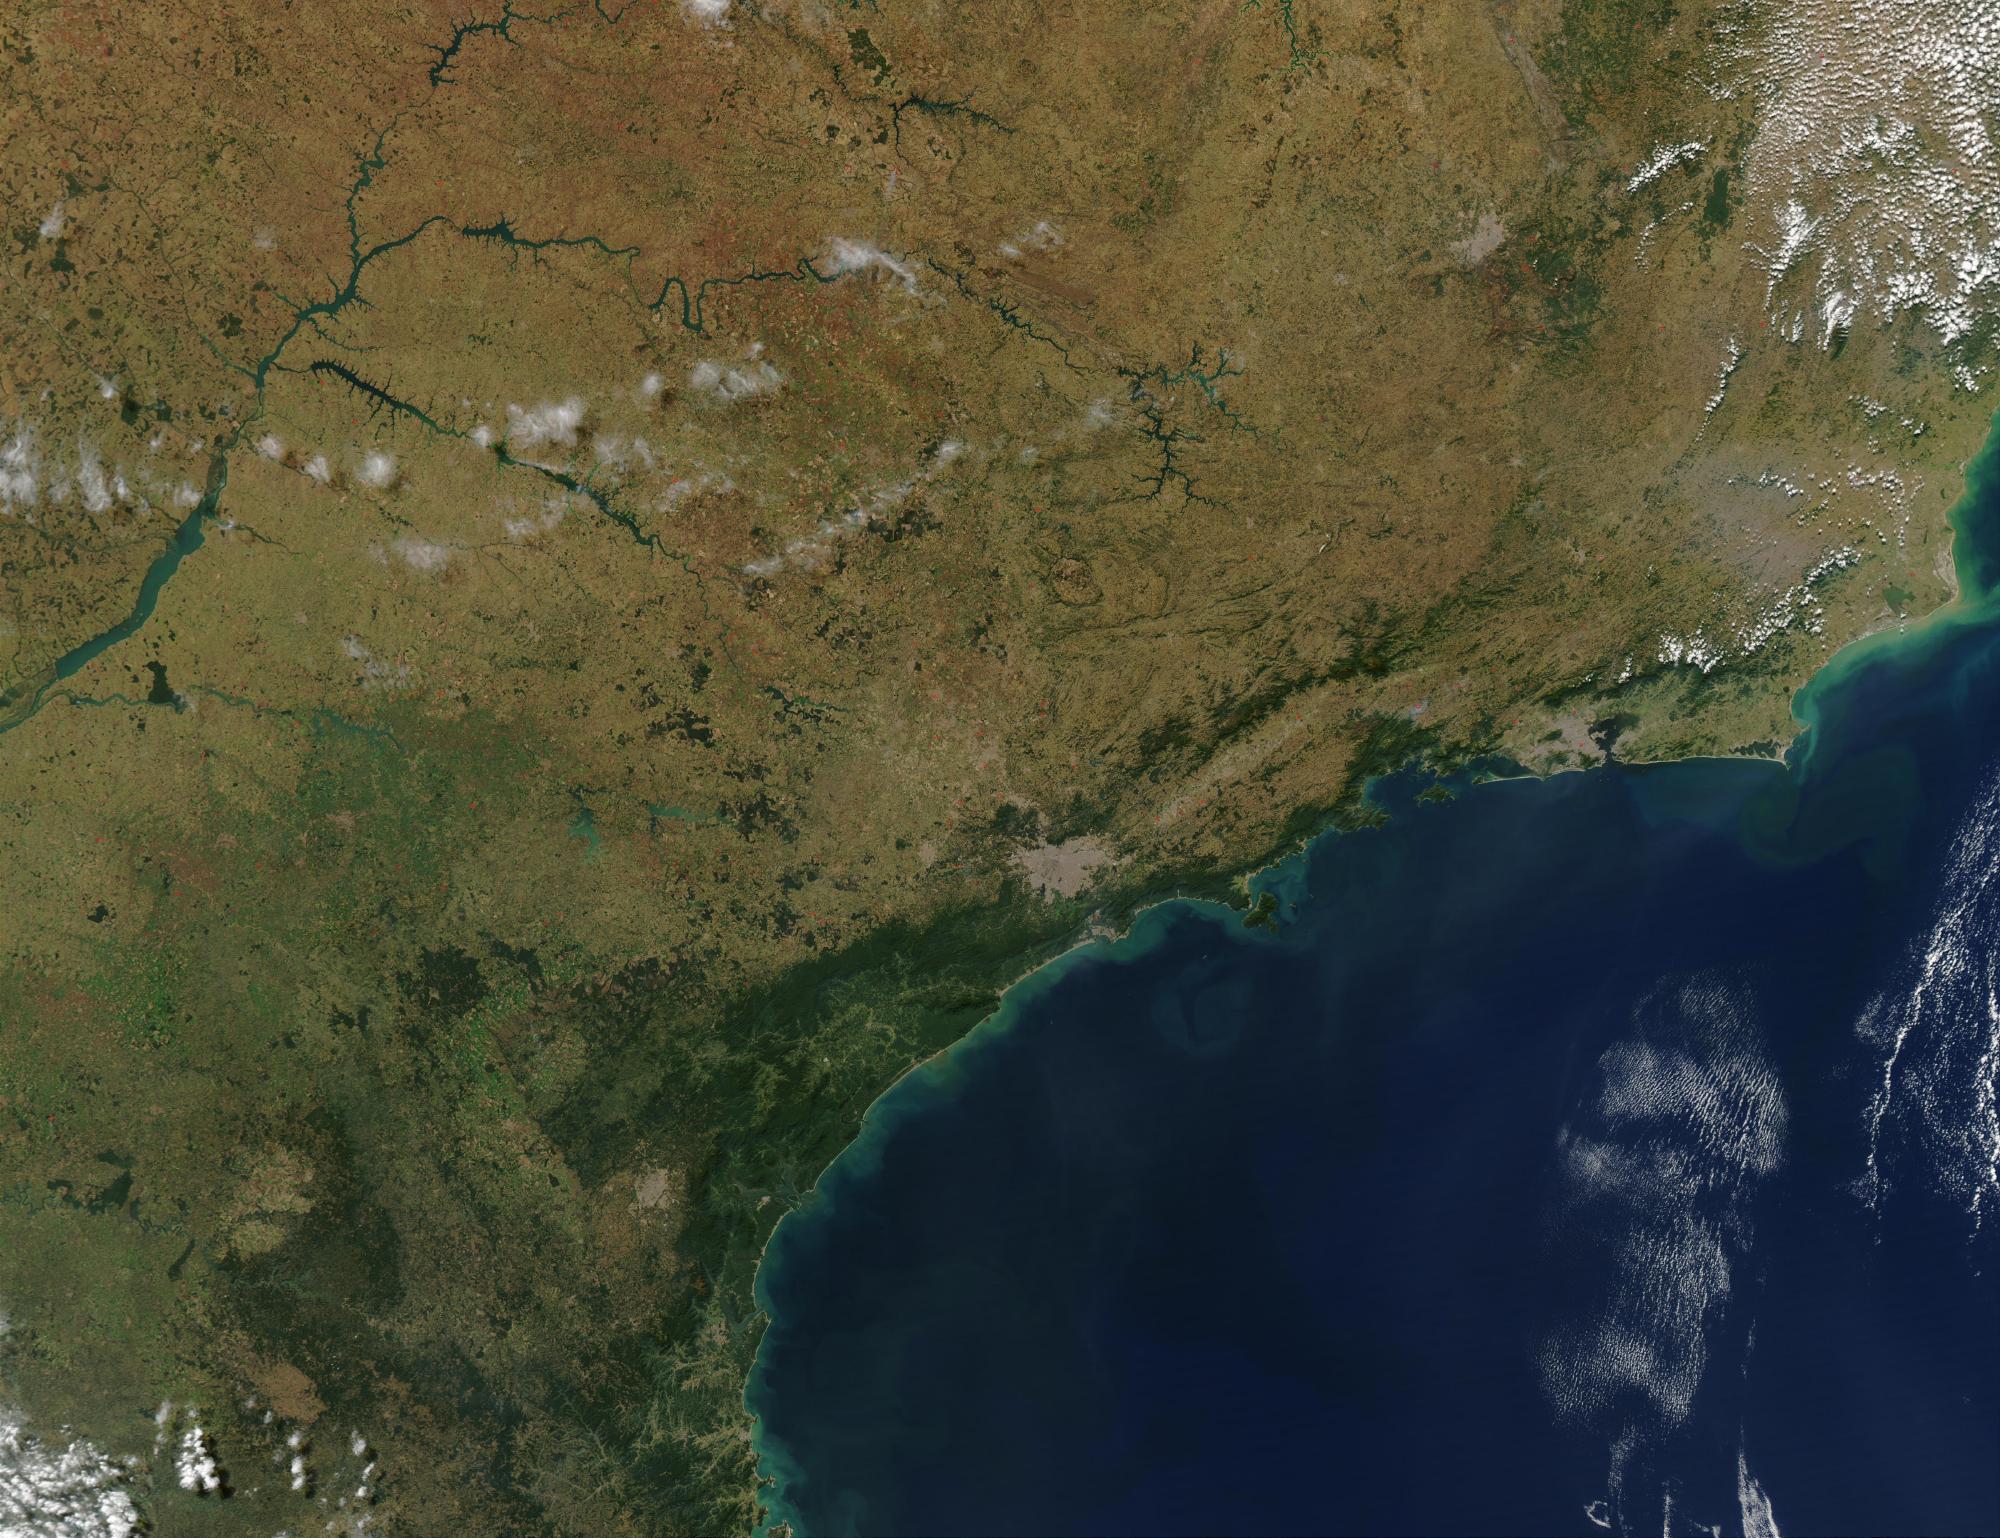 Imagen, Foto Satelite de la Ciudad de Sao Paulo y Rio de Janeiro, Brasil